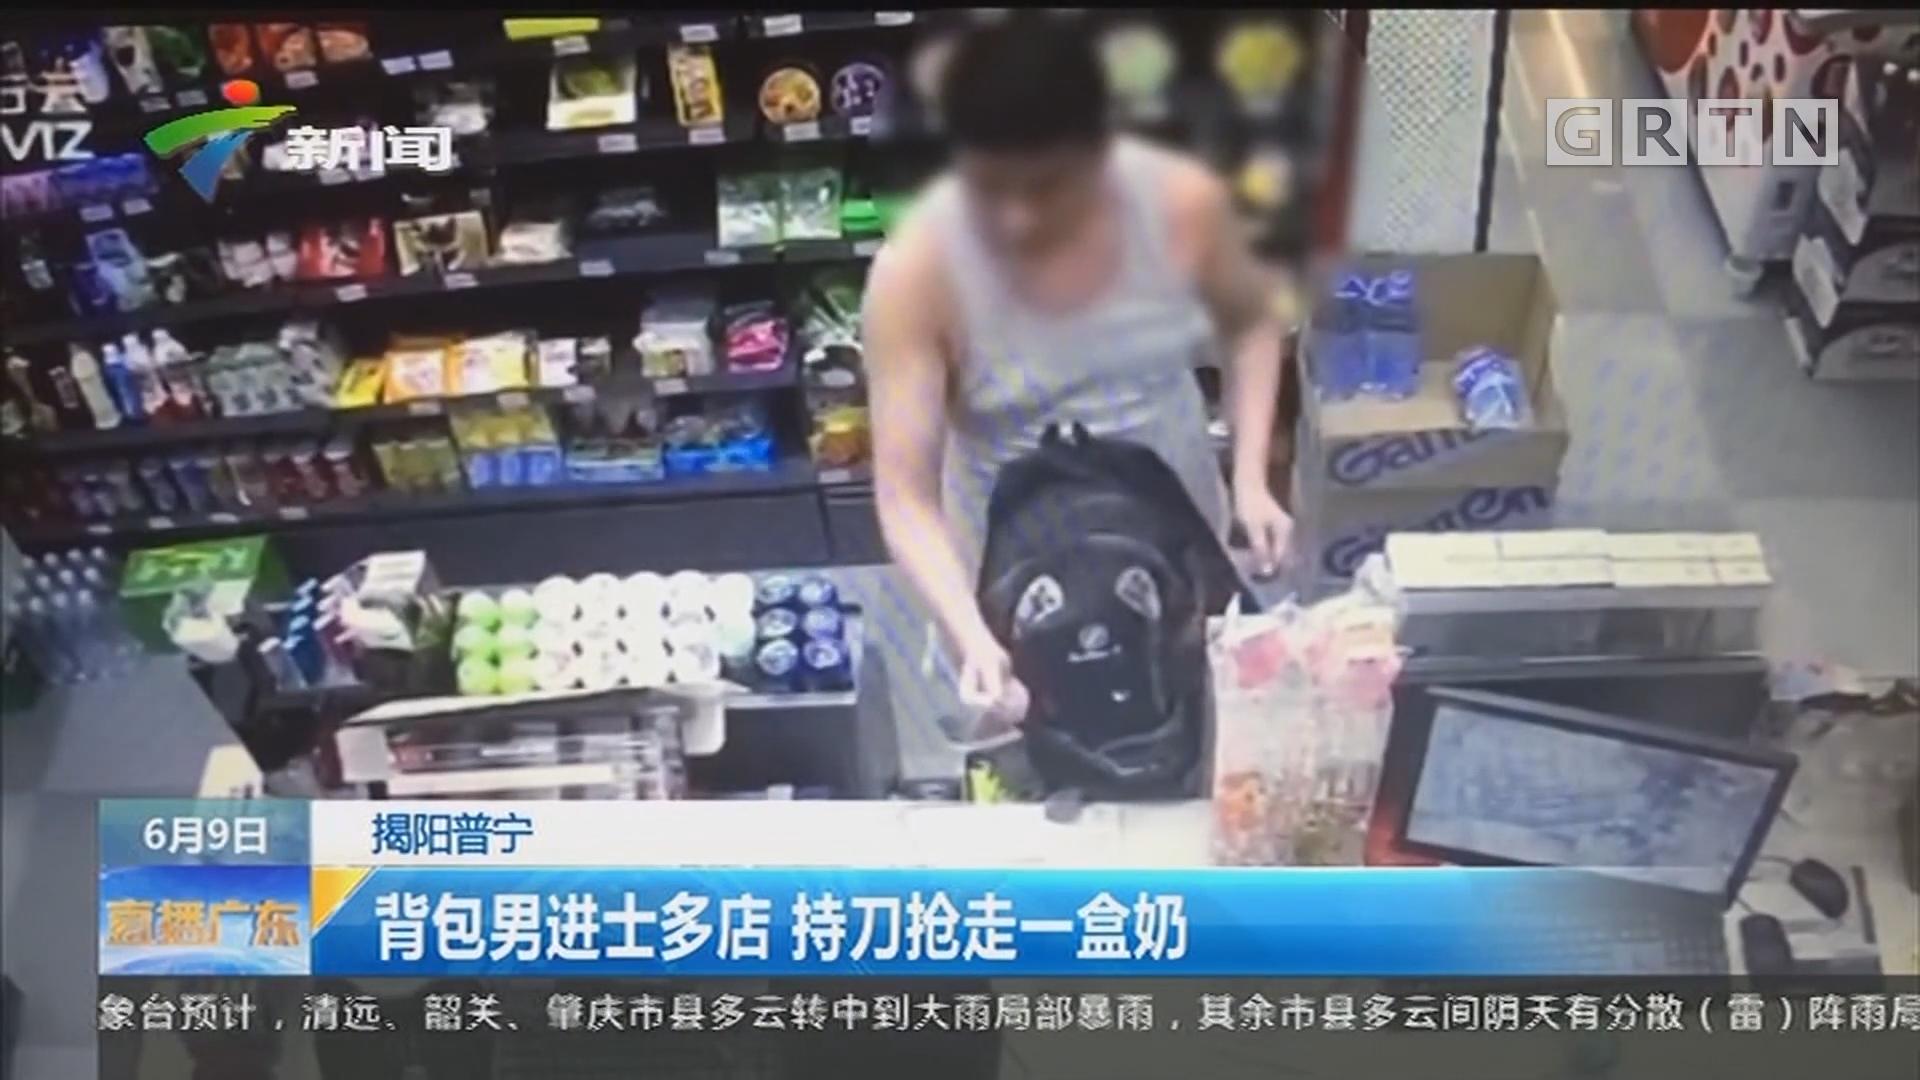 揭阳普宁:背包男进士多店 持刀抢走一盒奶